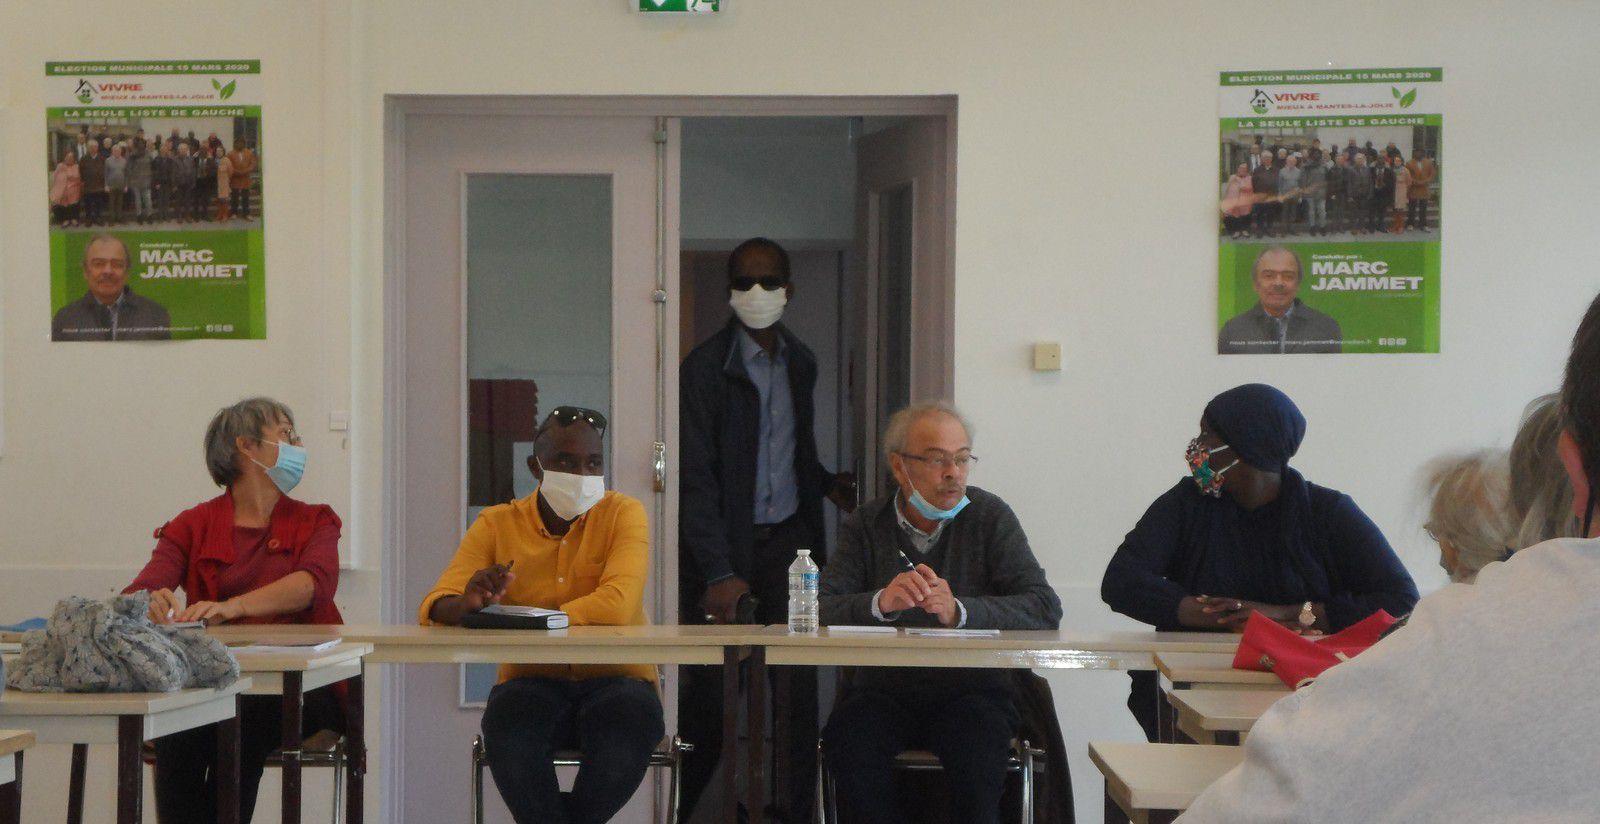 Réunion publique Vivre Mieux à Mantes-la-Jolie. Le désert médical !